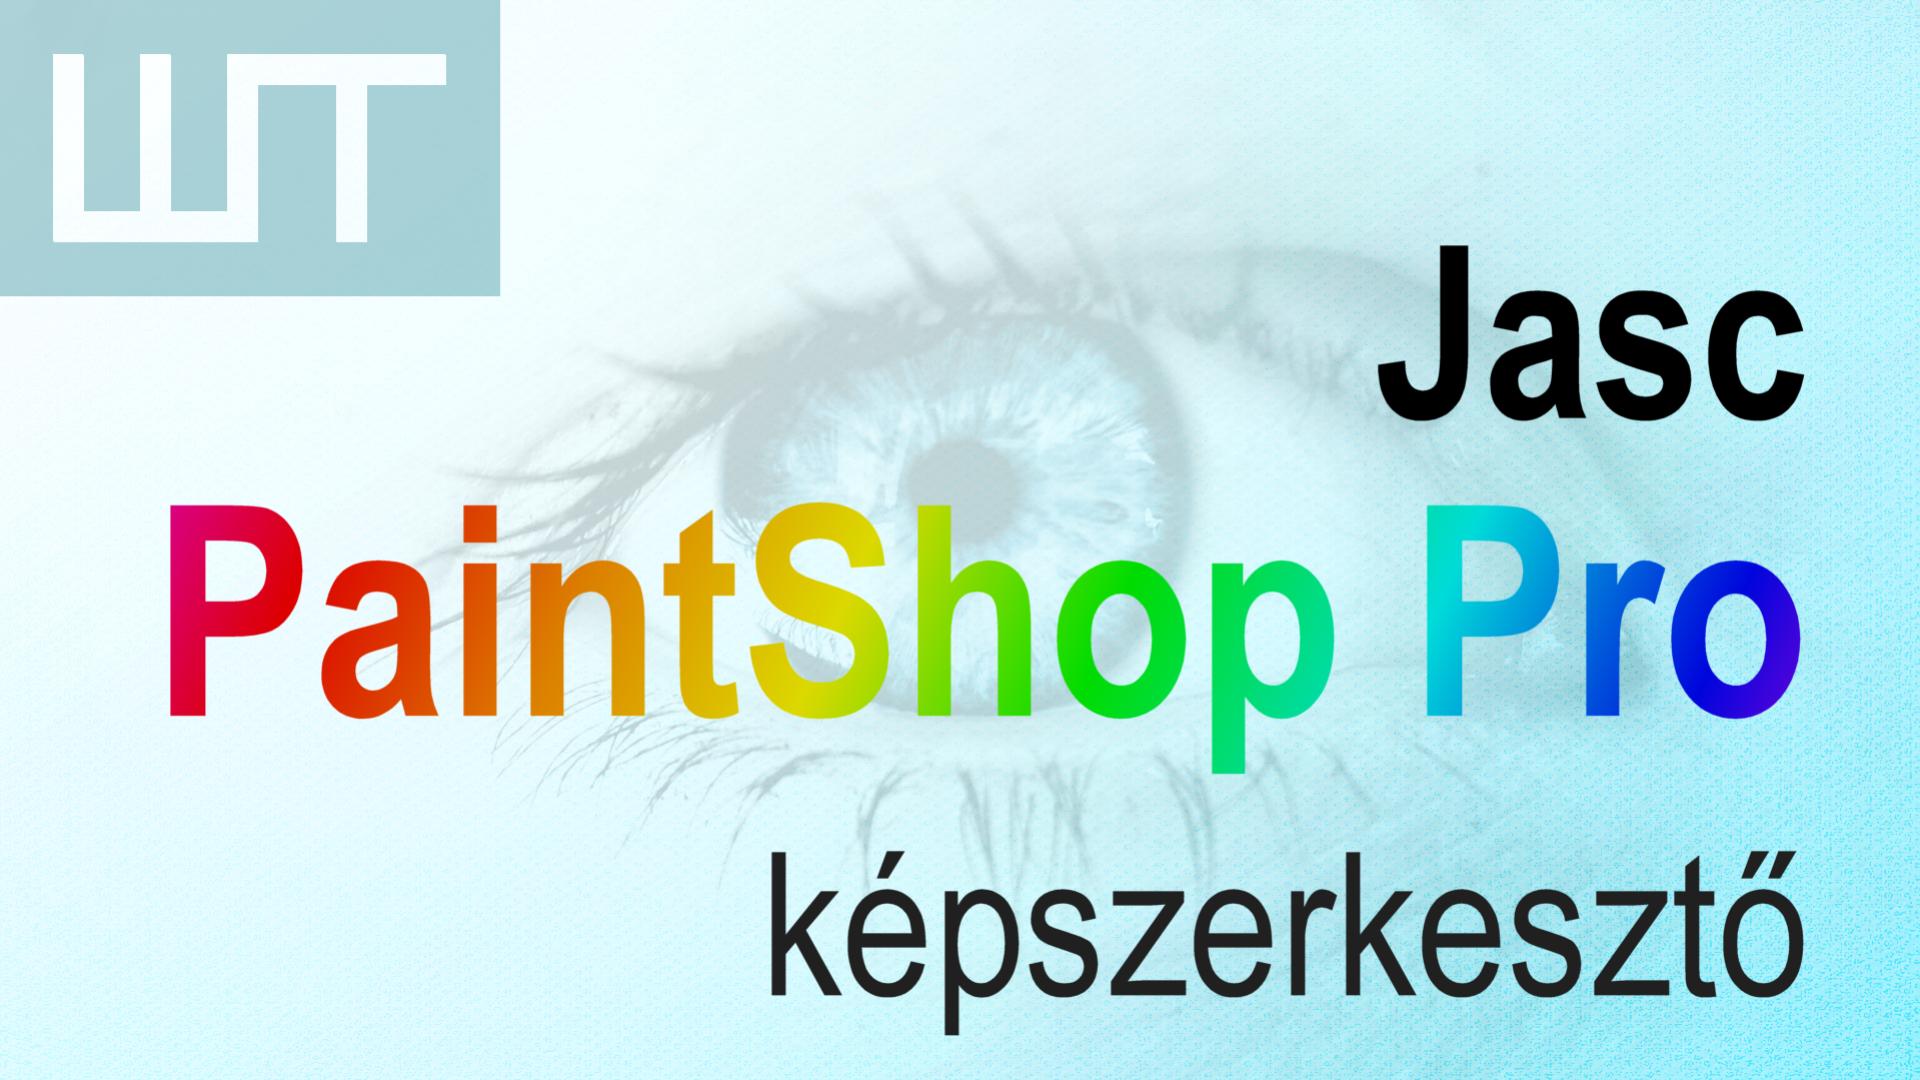 Jasc PaintShop Pro - profi képszerkesztés